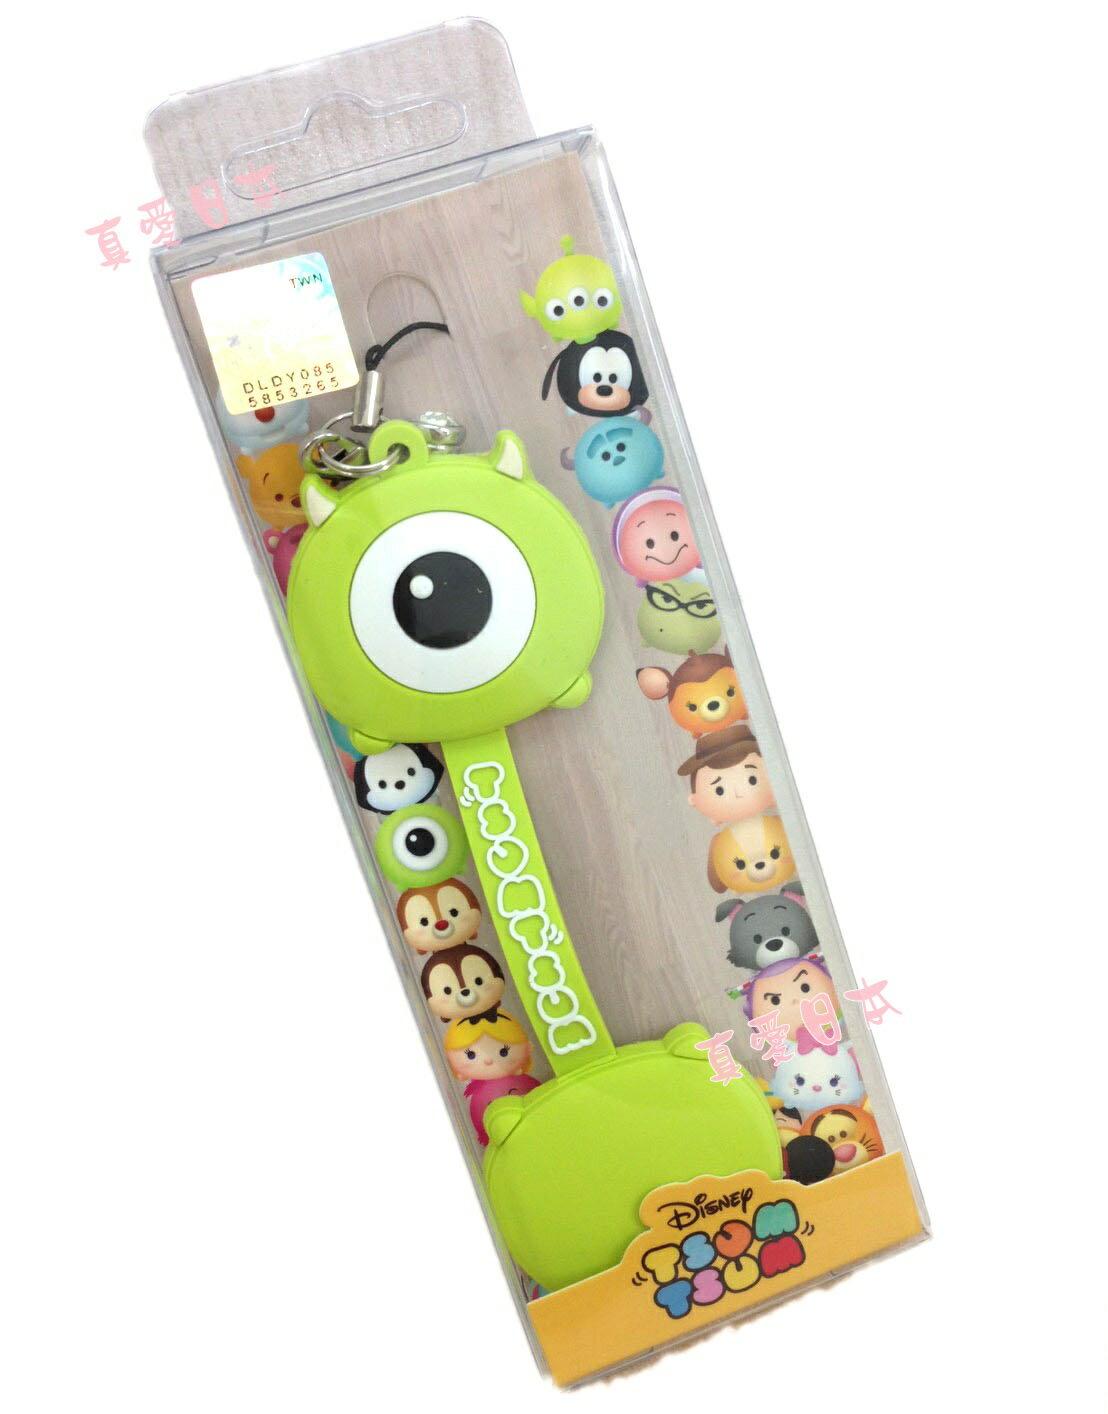 【真愛日本】16072200012吊飾捲線器-大眼仔  迪士尼 怪獸電力公司 怪獸大學 耳機集線器 收線器 正品